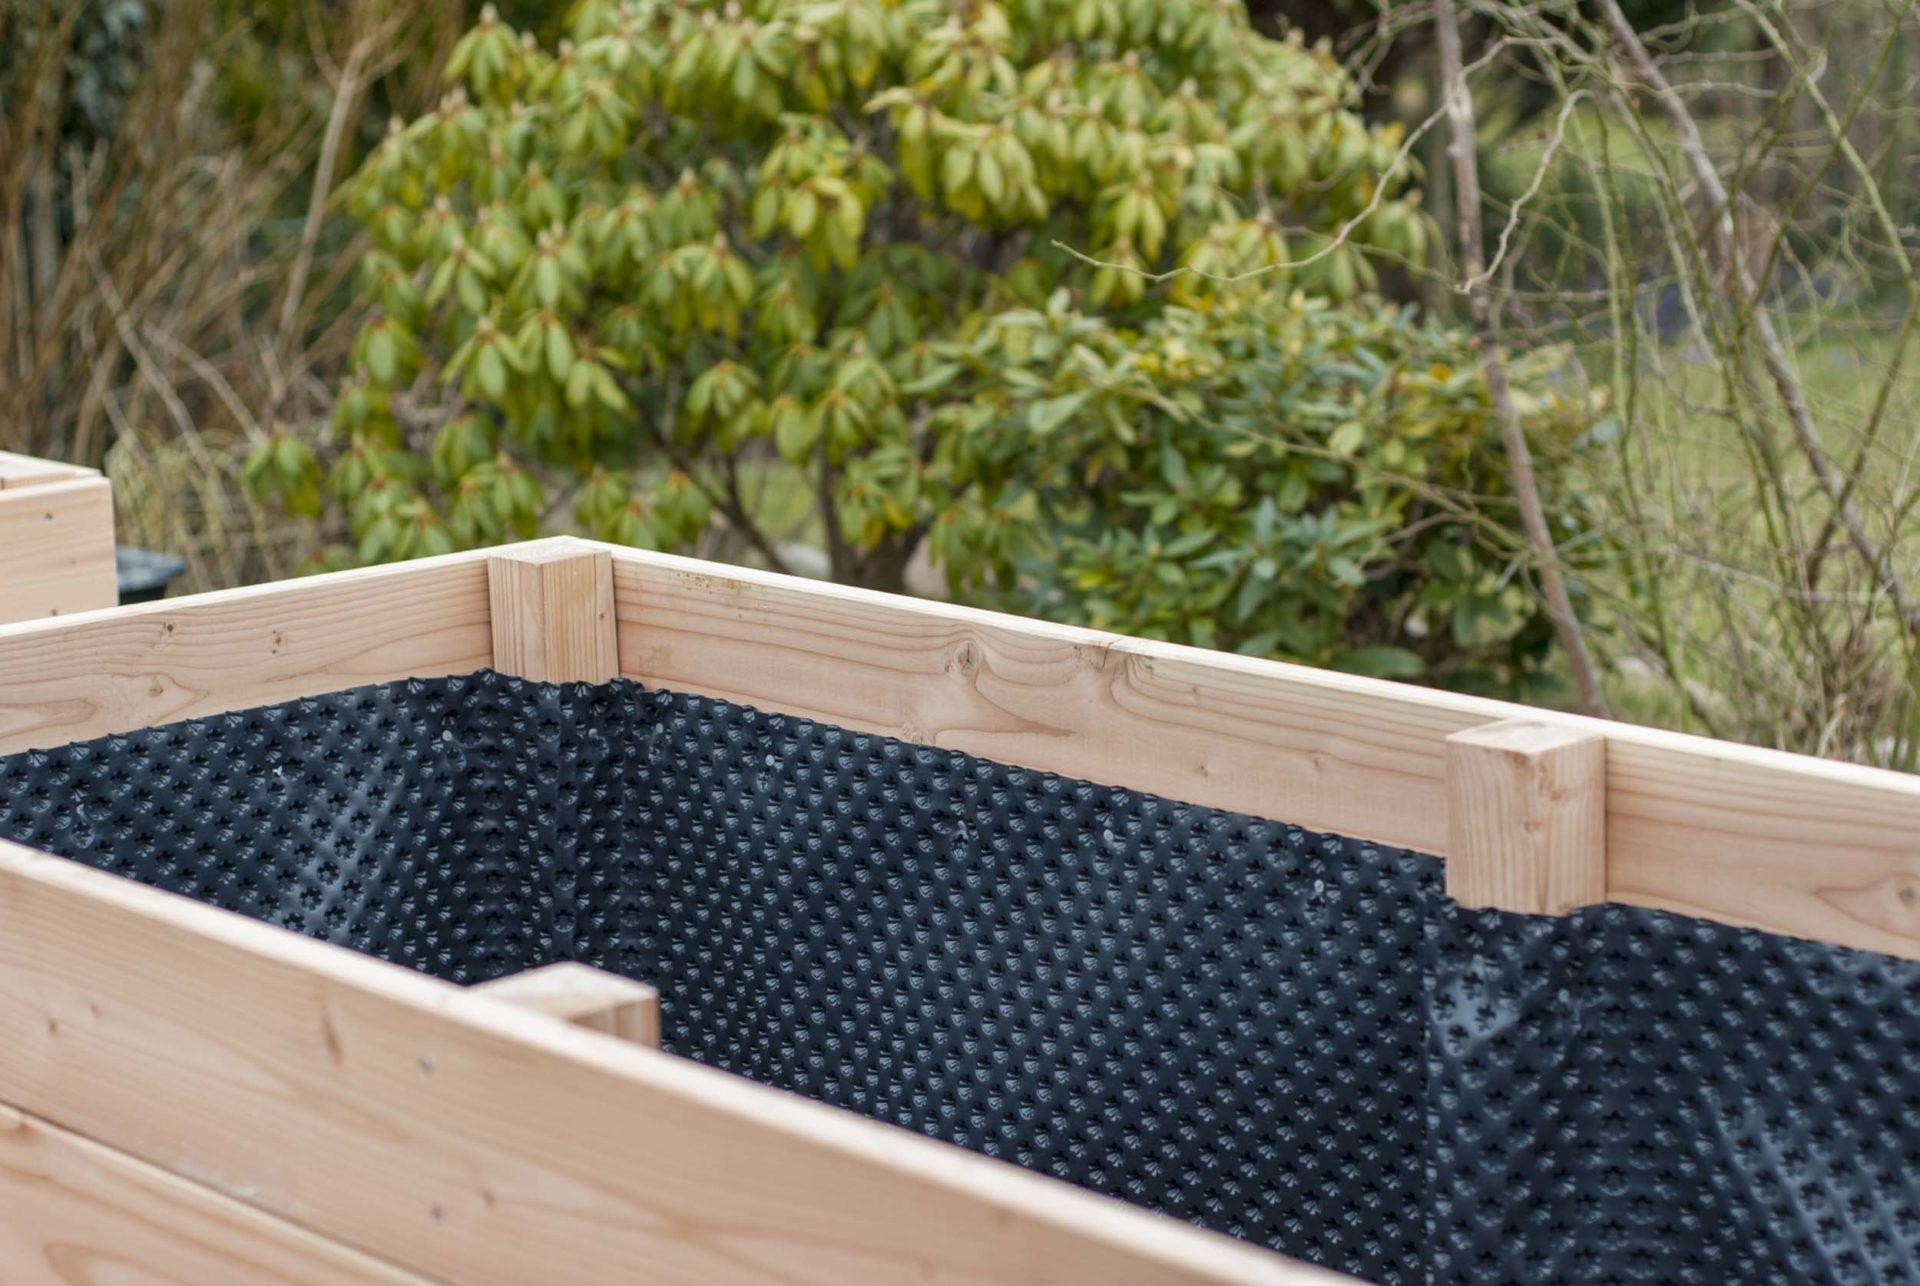 Ein Hochbeet Selbst Bauen Schritt Fur Schritt Mit Vielen Bildern Erklart Hochbeet Hochbeet Bauen Und Hochbeet Bauanleitung